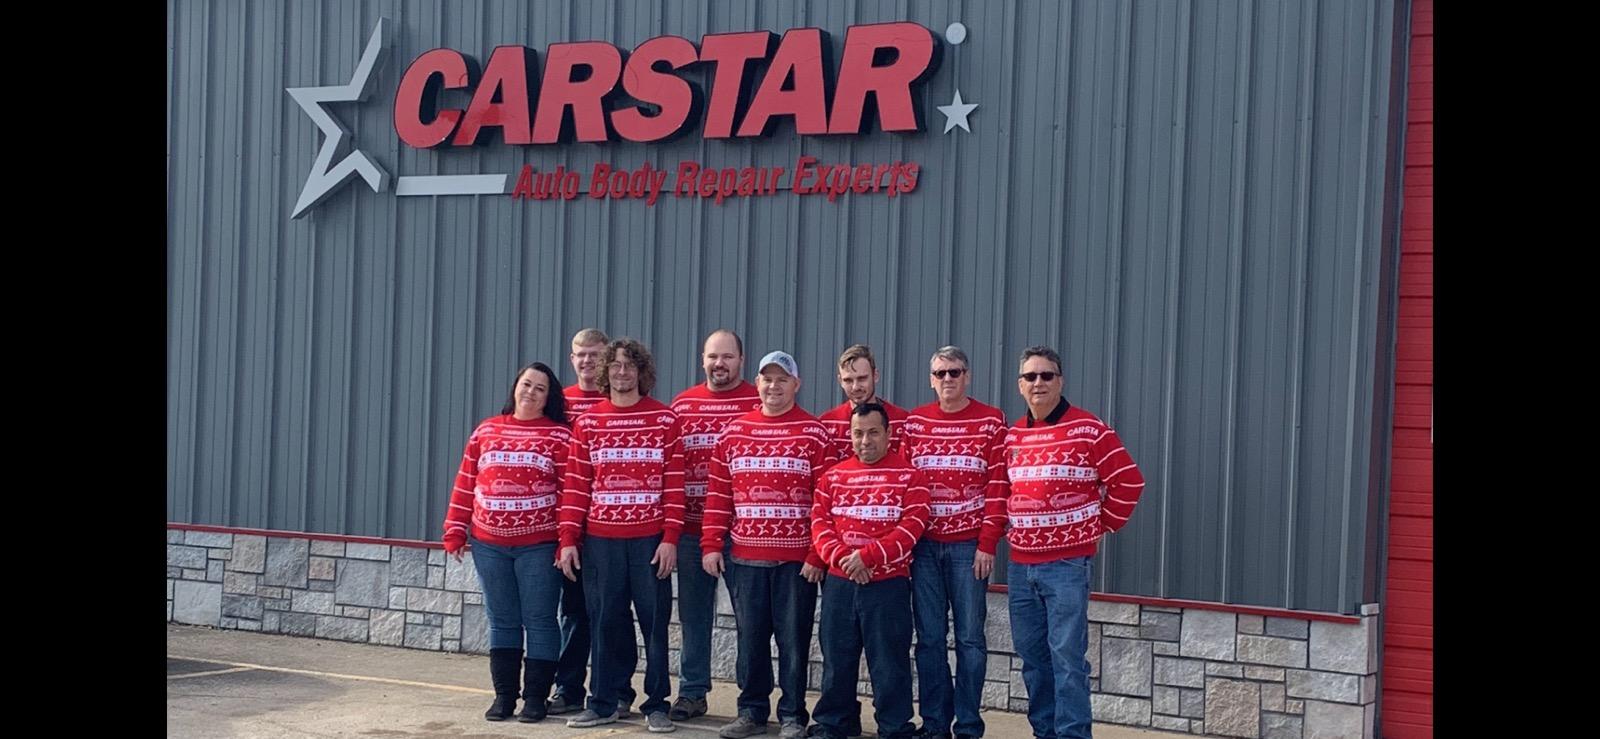 Carstar | Merry Christmas from Osage Beach